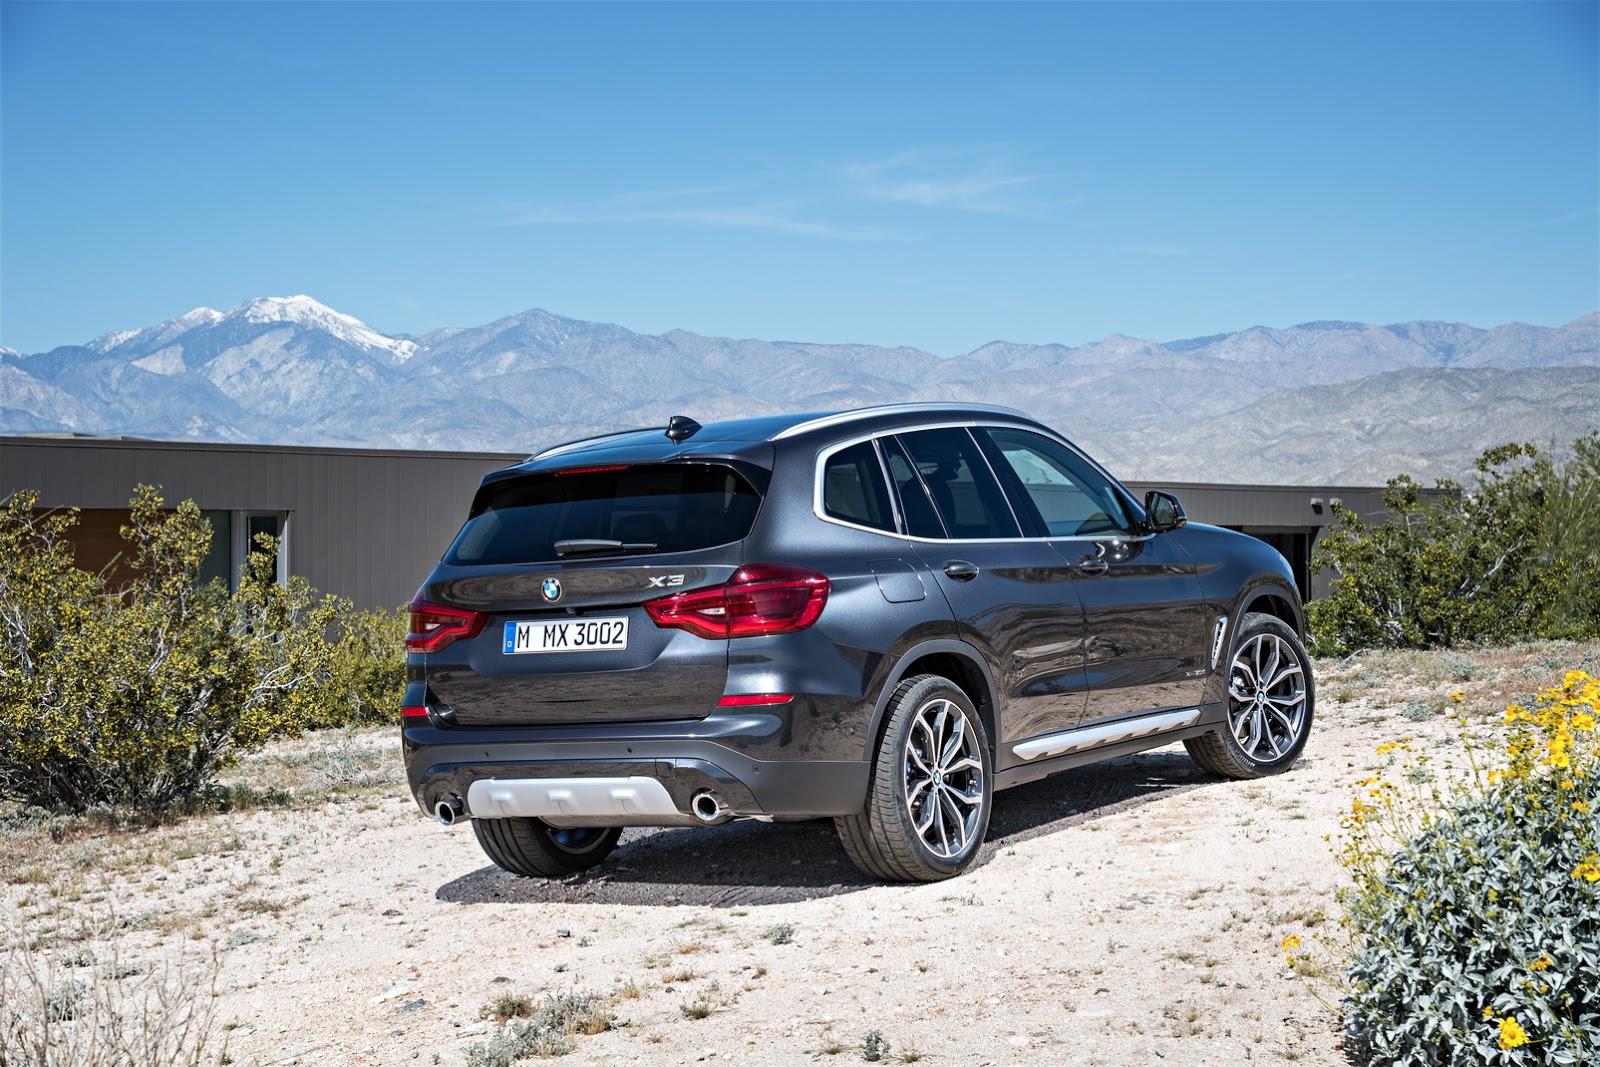 BMW X3 2018 (85)